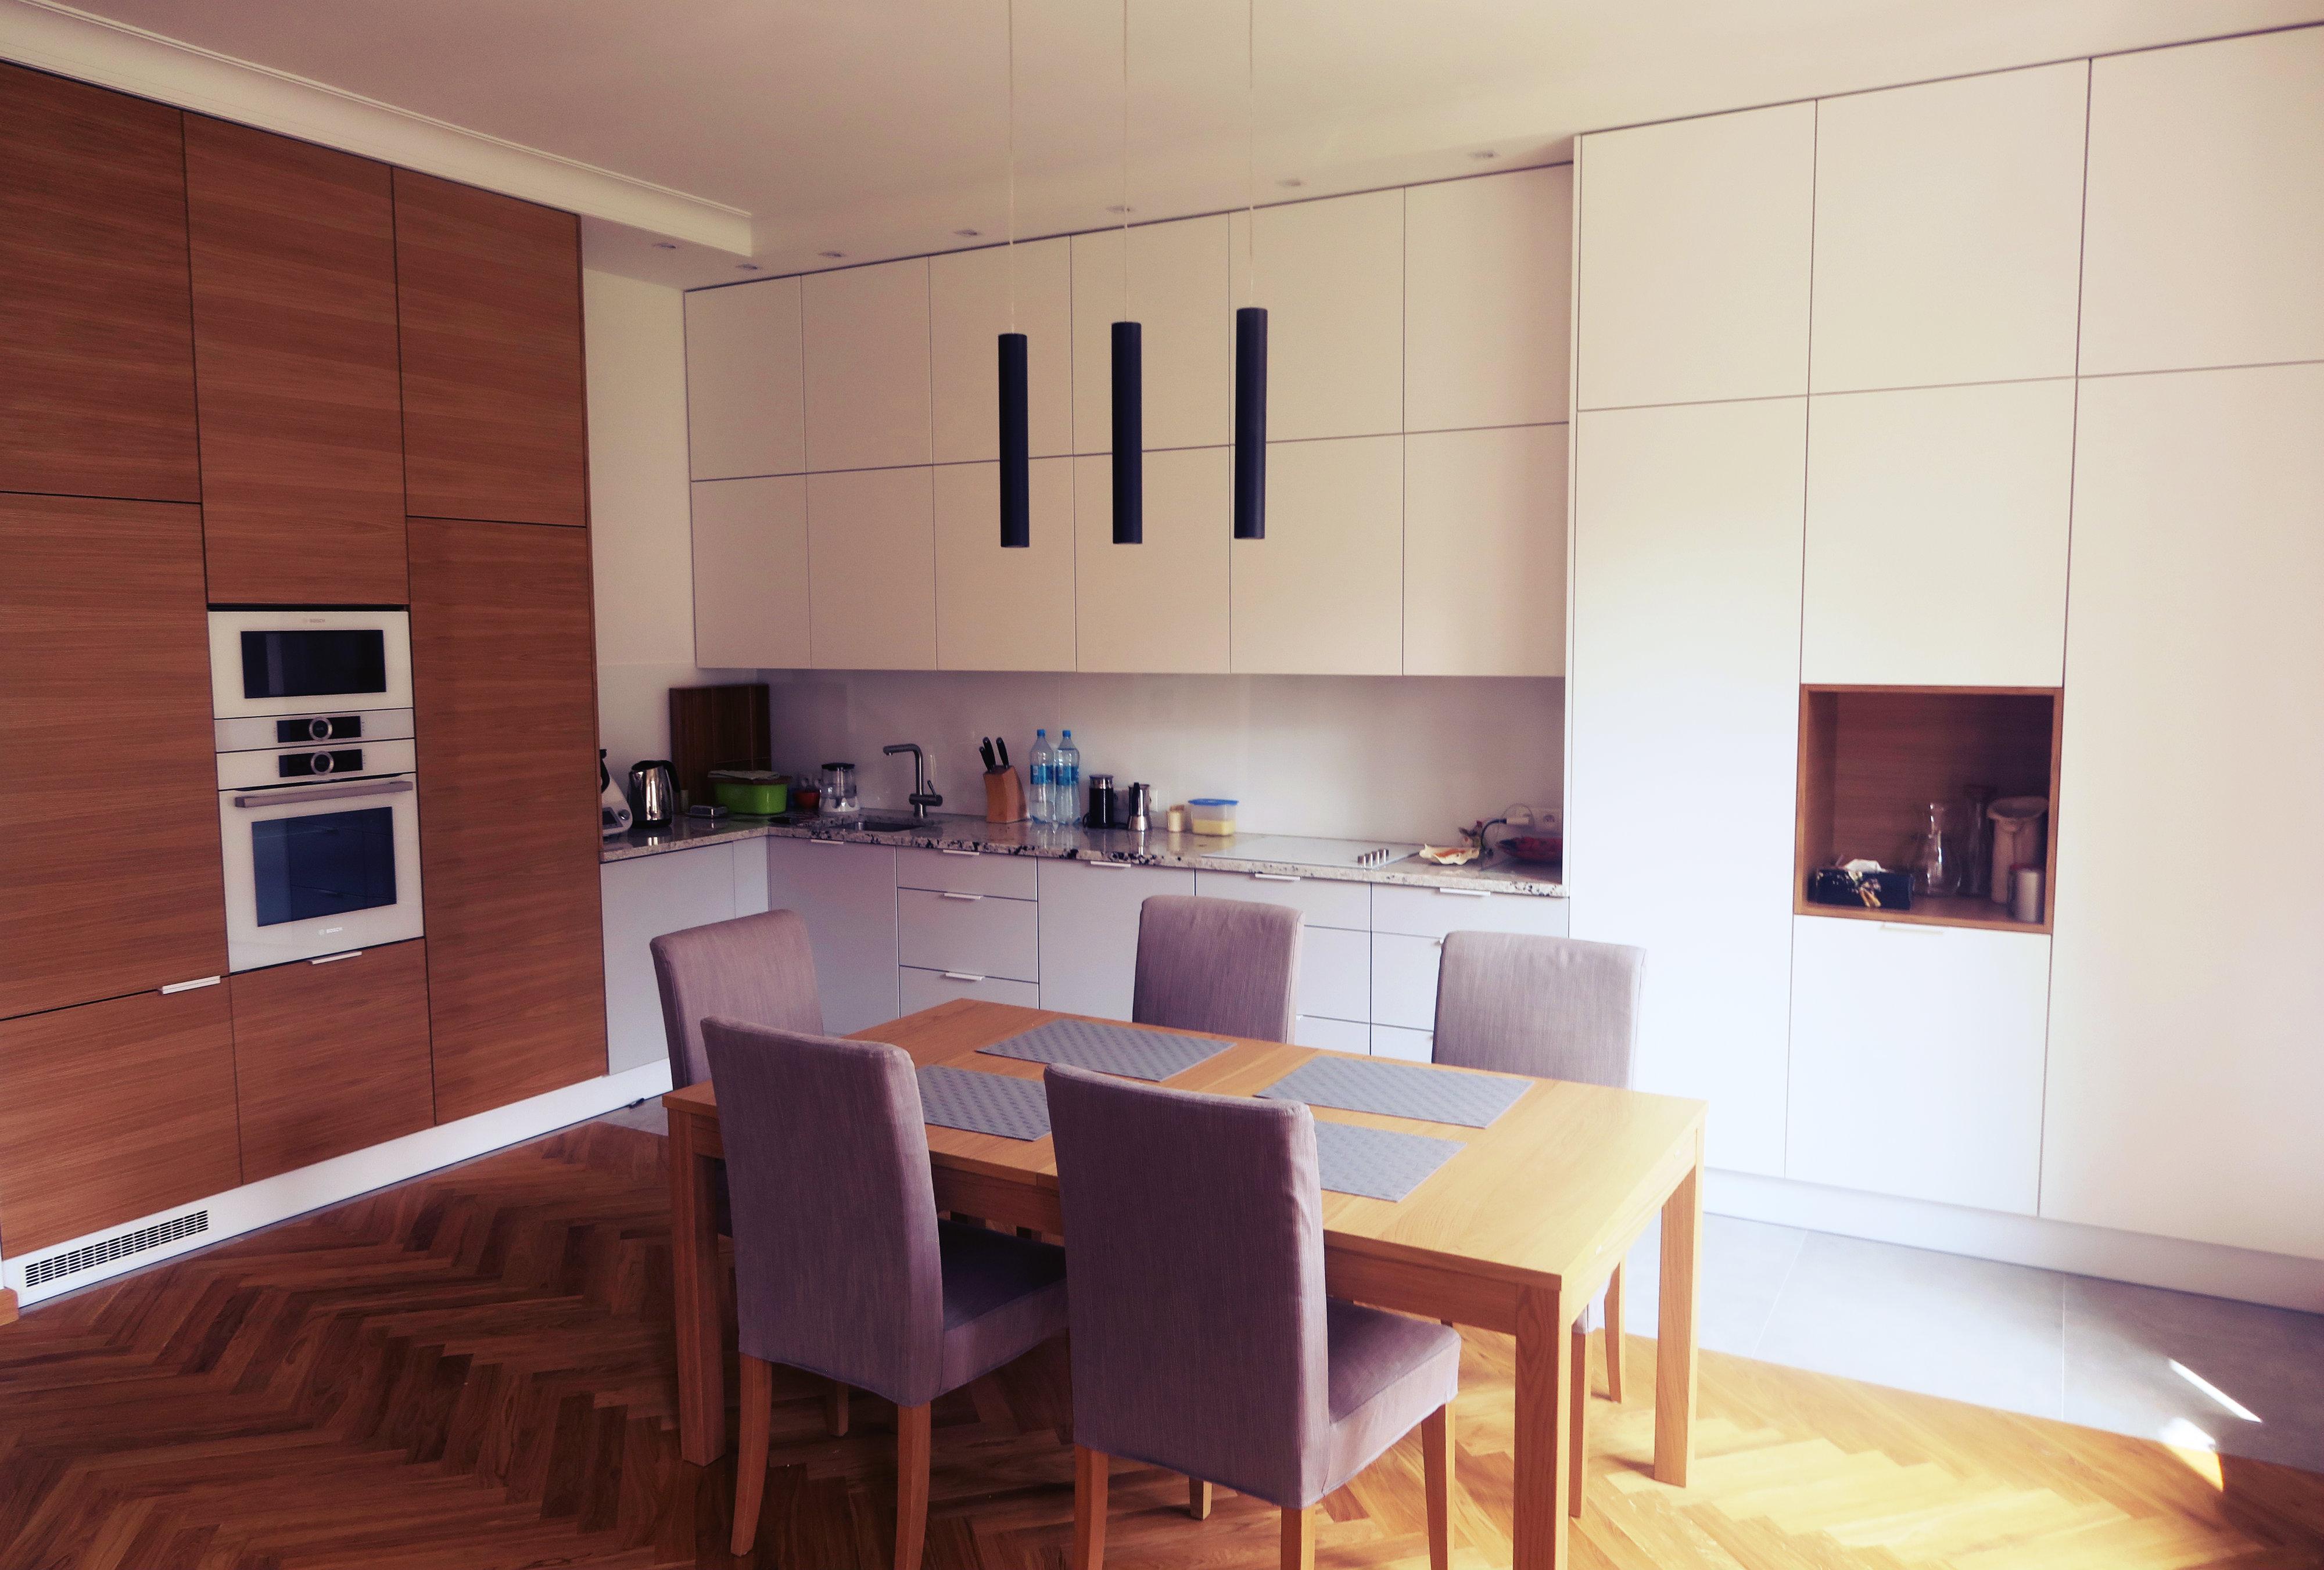 Kuchnia na wymiar lakier fornir  Szafa ze zdjęciem -> Kuchnia Fornir Lakier